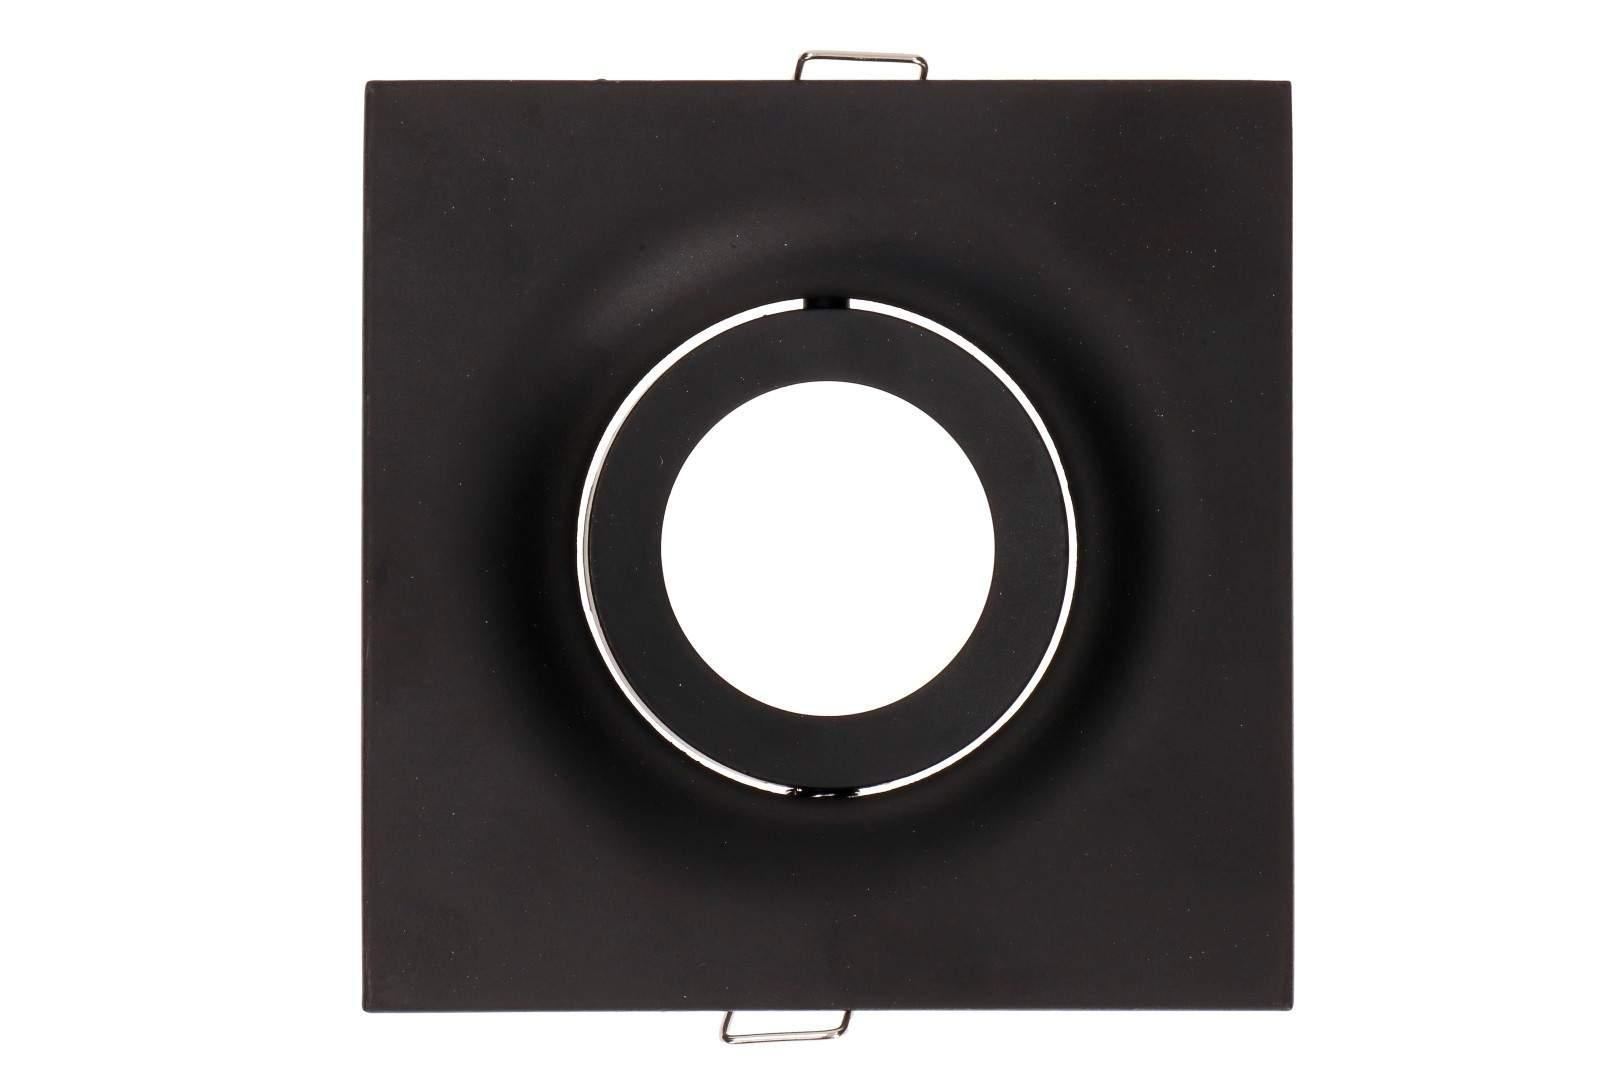 Luminaire frame Luminaire frame BCR 2 black square